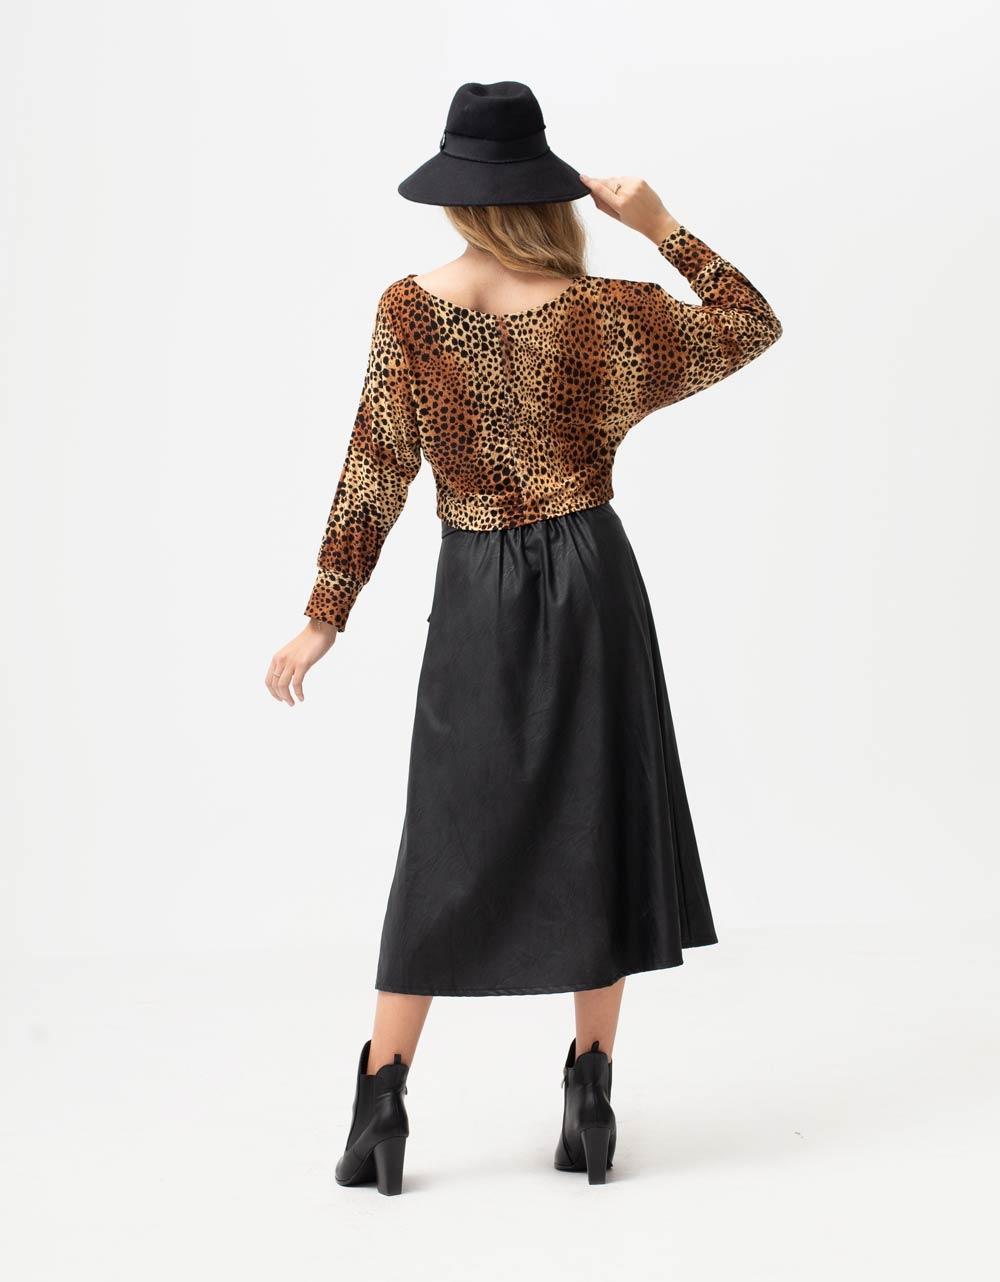 Εικόνα από Γυναικεία μπλούζα φαρδιά με σχέδιο Λεοπάρ